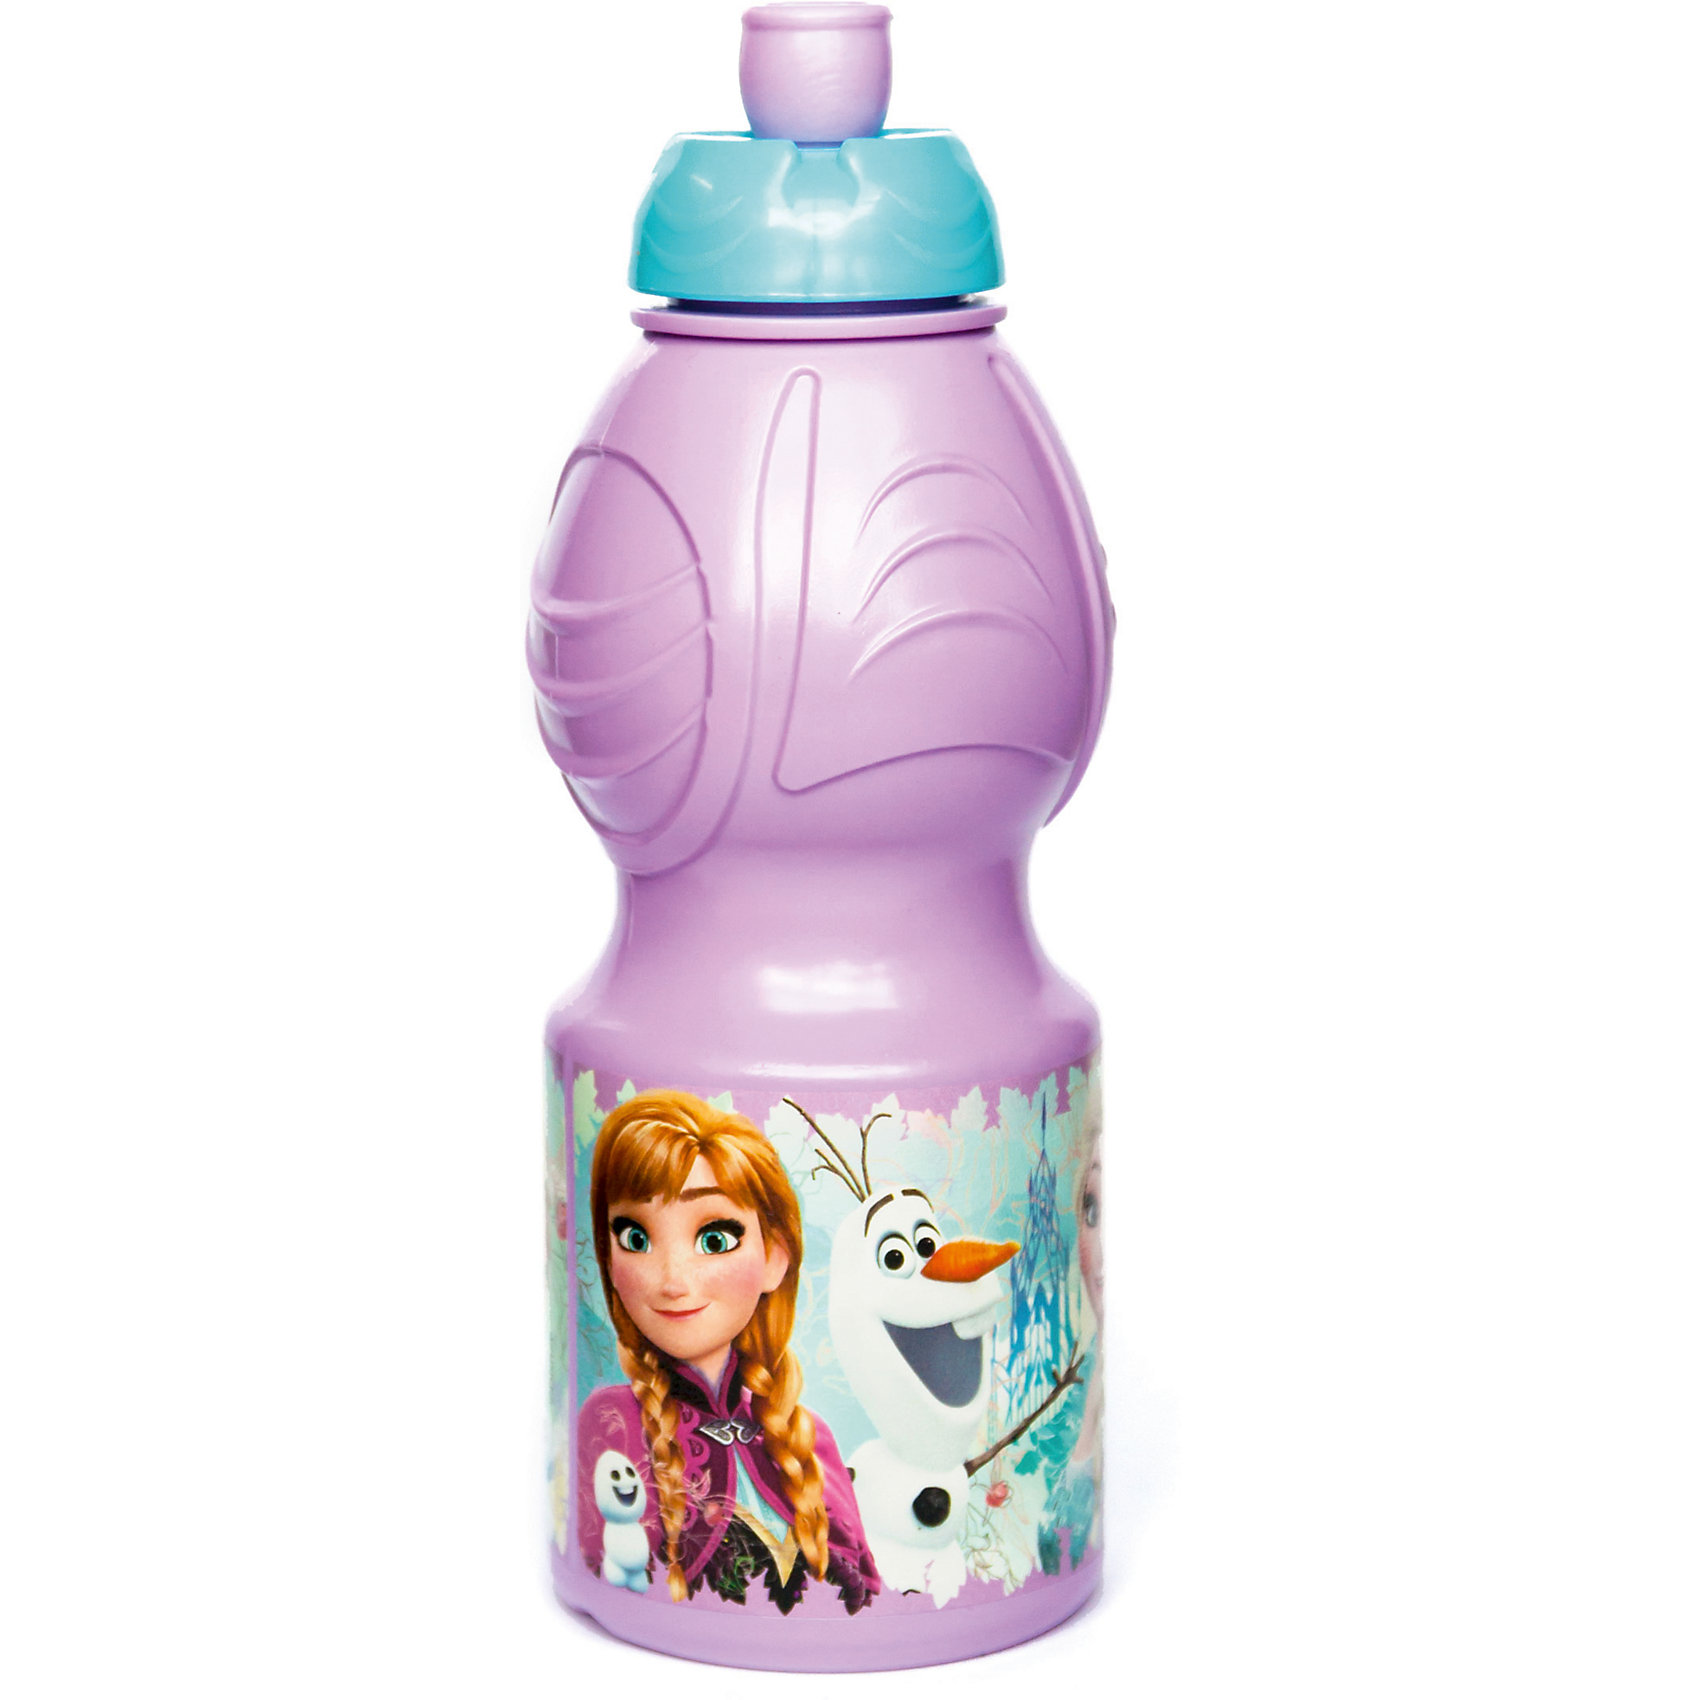 Бутылка пластиковая 400 мл., Холодное сердцеБутылки для воды и бутербродницы<br>Характеристики:<br><br>• возраст: от 3 лет;<br>• цвет: разноцветная, с иллюстрацией;<br>• объем: 400 мл.;<br>• дополнительные опции: с поильником;<br>• материал: пищевой пластик;<br>• высота бутылки: 18 см; <br>• ширина бутылки: 6,5 см;<br>• вес: 50 г.<br>   <br>Красочная спортивная бутылочка для детей изготовлена из пищевого пластика. Горлышко снабжено специальным выдвижным поильником. Бутылка имеет суженую к середине форму, удобную для детской руки.<br><br>Бутылка легко помещается в спортивную сумку, рюкзак или велосипедный держатель. Можно использовать с любыми видами пищевых жидкостей.<br><br>На бутылочке изображены любимые детские персонажи. <br><br>Бутылку пластиковую 400 мл., Холодное сердце, Stor можно приобрести в нашем интернет-магазине.<br><br>Ширина мм: 65<br>Глубина мм: 65<br>Высота мм: 180<br>Вес г: 52<br>Возраст от месяцев: 36<br>Возраст до месяцев: 2147483647<br>Пол: Унисекс<br>Возраст: Детский<br>SKU: 7010327